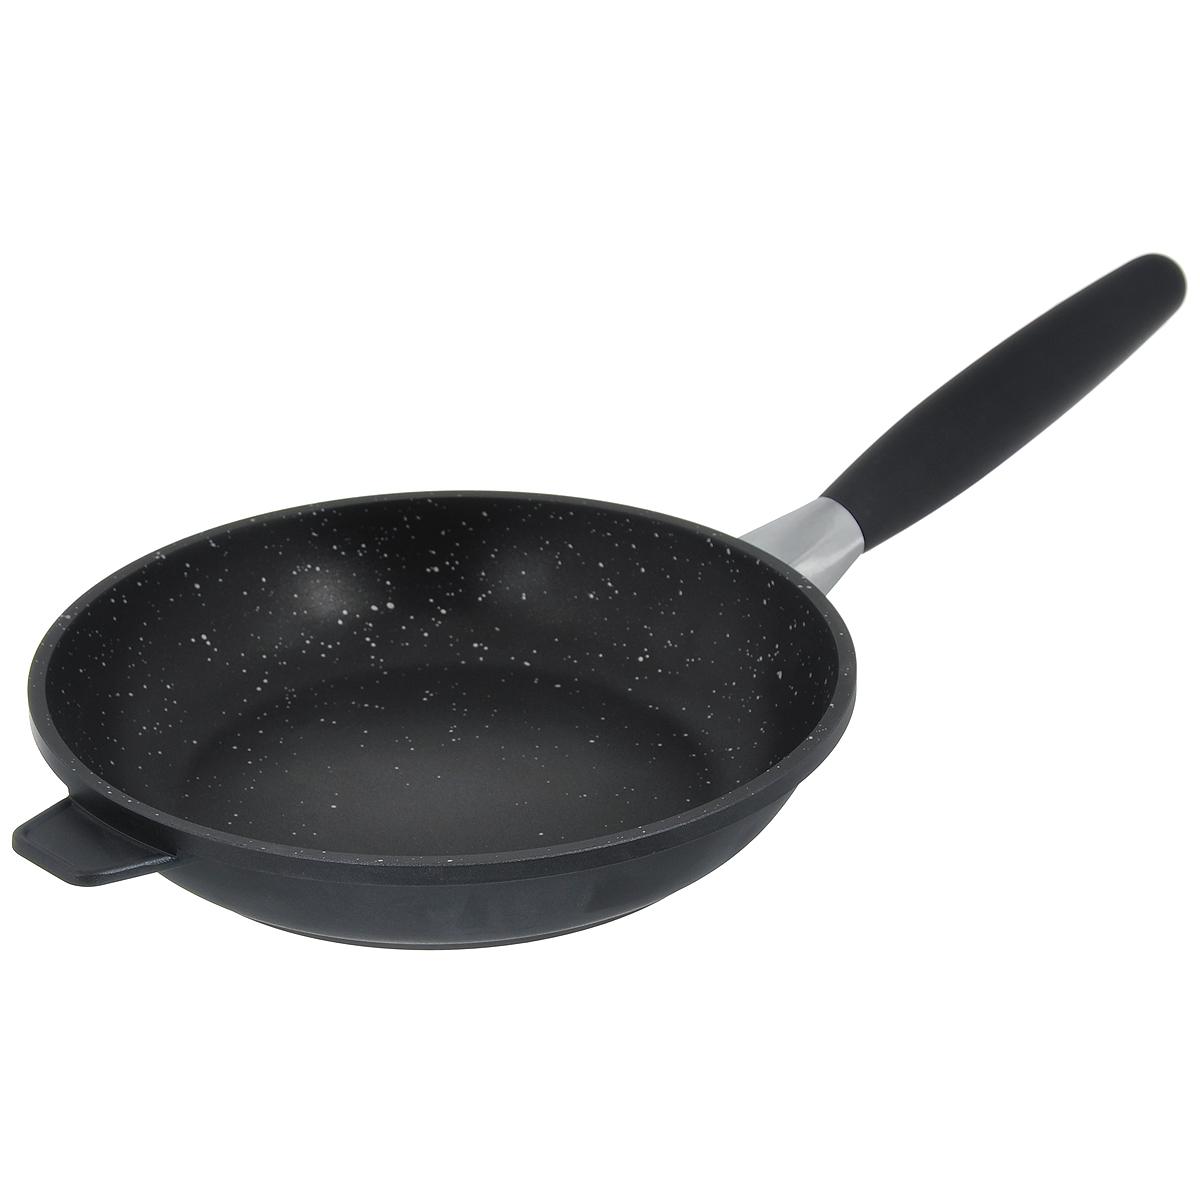 Сковорода BergHOFF Scala, с антипригарным покрытием. Диаметр 24 см2307201Сковорода BergHOFF Scala выполнена из литого алюминия, который имеет эффект чугунной посуды. За счет особой технологии литья дно в 2 раза толще стенок. В отличие от чугуна посуда из алюминия легче по весу и быстро нагревается, что гарантирует сбережение энергии. Сковорода имеет антипригарное покрытие Ferno Green, которое в 4 раза прочнее традиционного. Это экологически чистое безопасное для здоровья покрытие. Подходит для приготовления полезных блюд, сохраняются витамины, минералы. Антипригарные свойства посуды позволяют готовить без жира и подсолнечного масла или с его малым количеством.Ручка выполнена из бакелита с покрытием Soft-touch, она имеет комфортную эргономичную форму и не нагревается в процессе эксплуатации. Ручка съемная, что позволяет использовать сковороду для приготовления пищи в духовке. Также это удобно для хранения.Подходит для всех типов плит, включая индукционные. Рекомендуется мыть вручную. Диаметр сковороды (по верхнему краю): 24 см.Длина ручки: 21 см. Высота стенки: 5 см.Толщина стенки: 3 мм.Толщина дна: 5 мм.